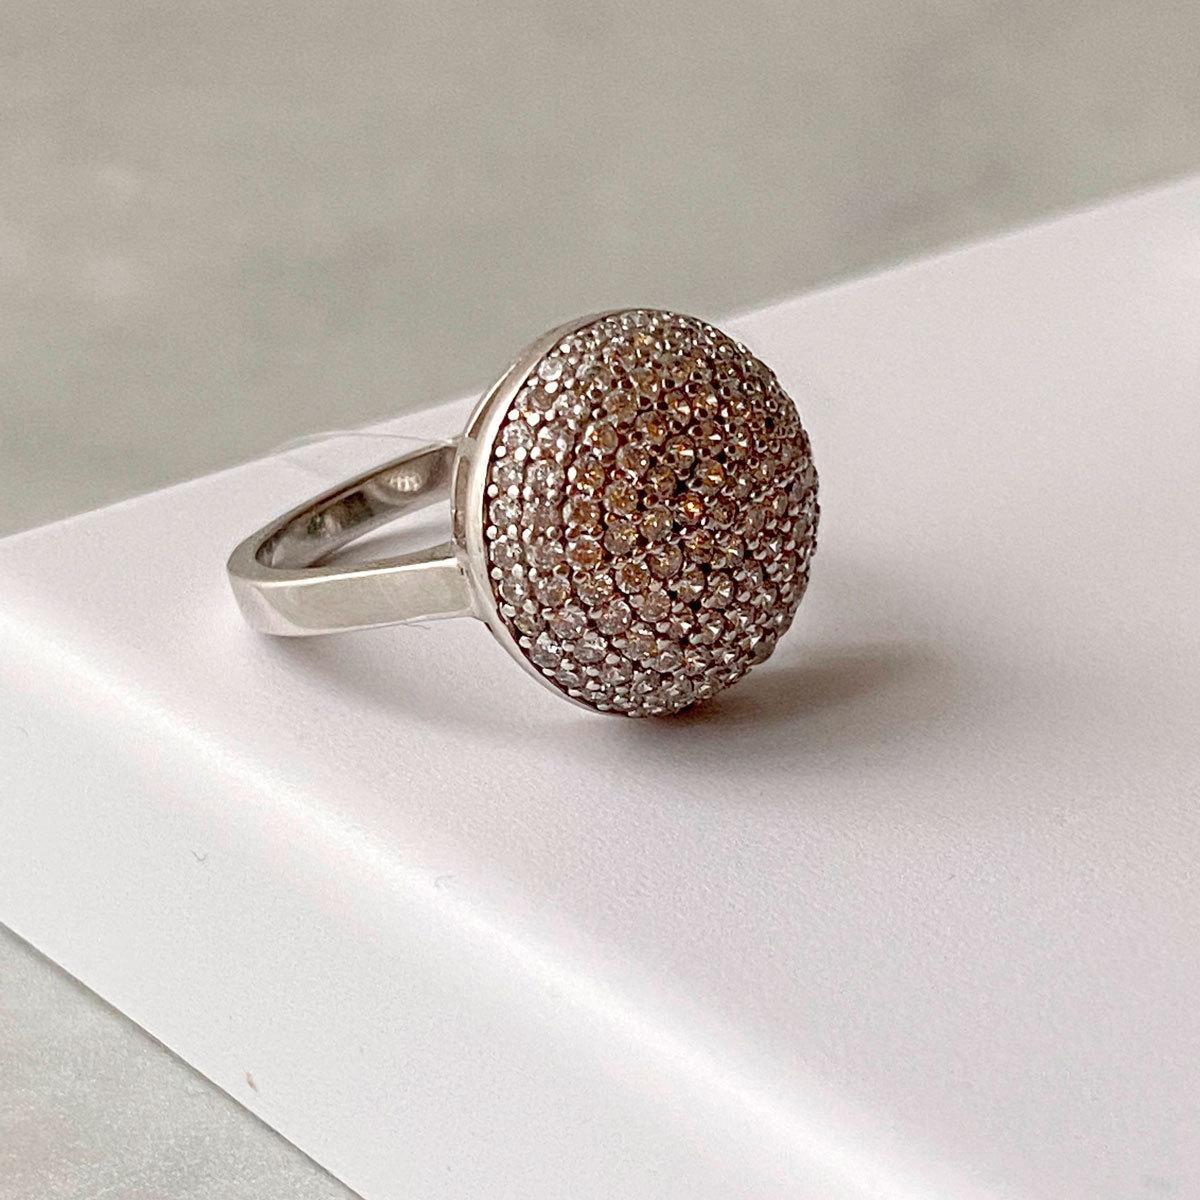 Кольцо с округлым объемным пале (цирконы, серебро 925)